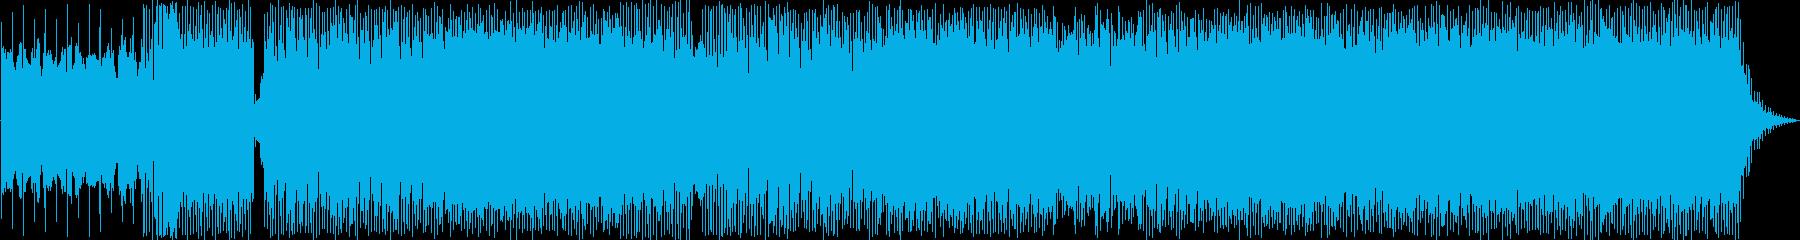 トランストリップ。シンセメロディー。の再生済みの波形